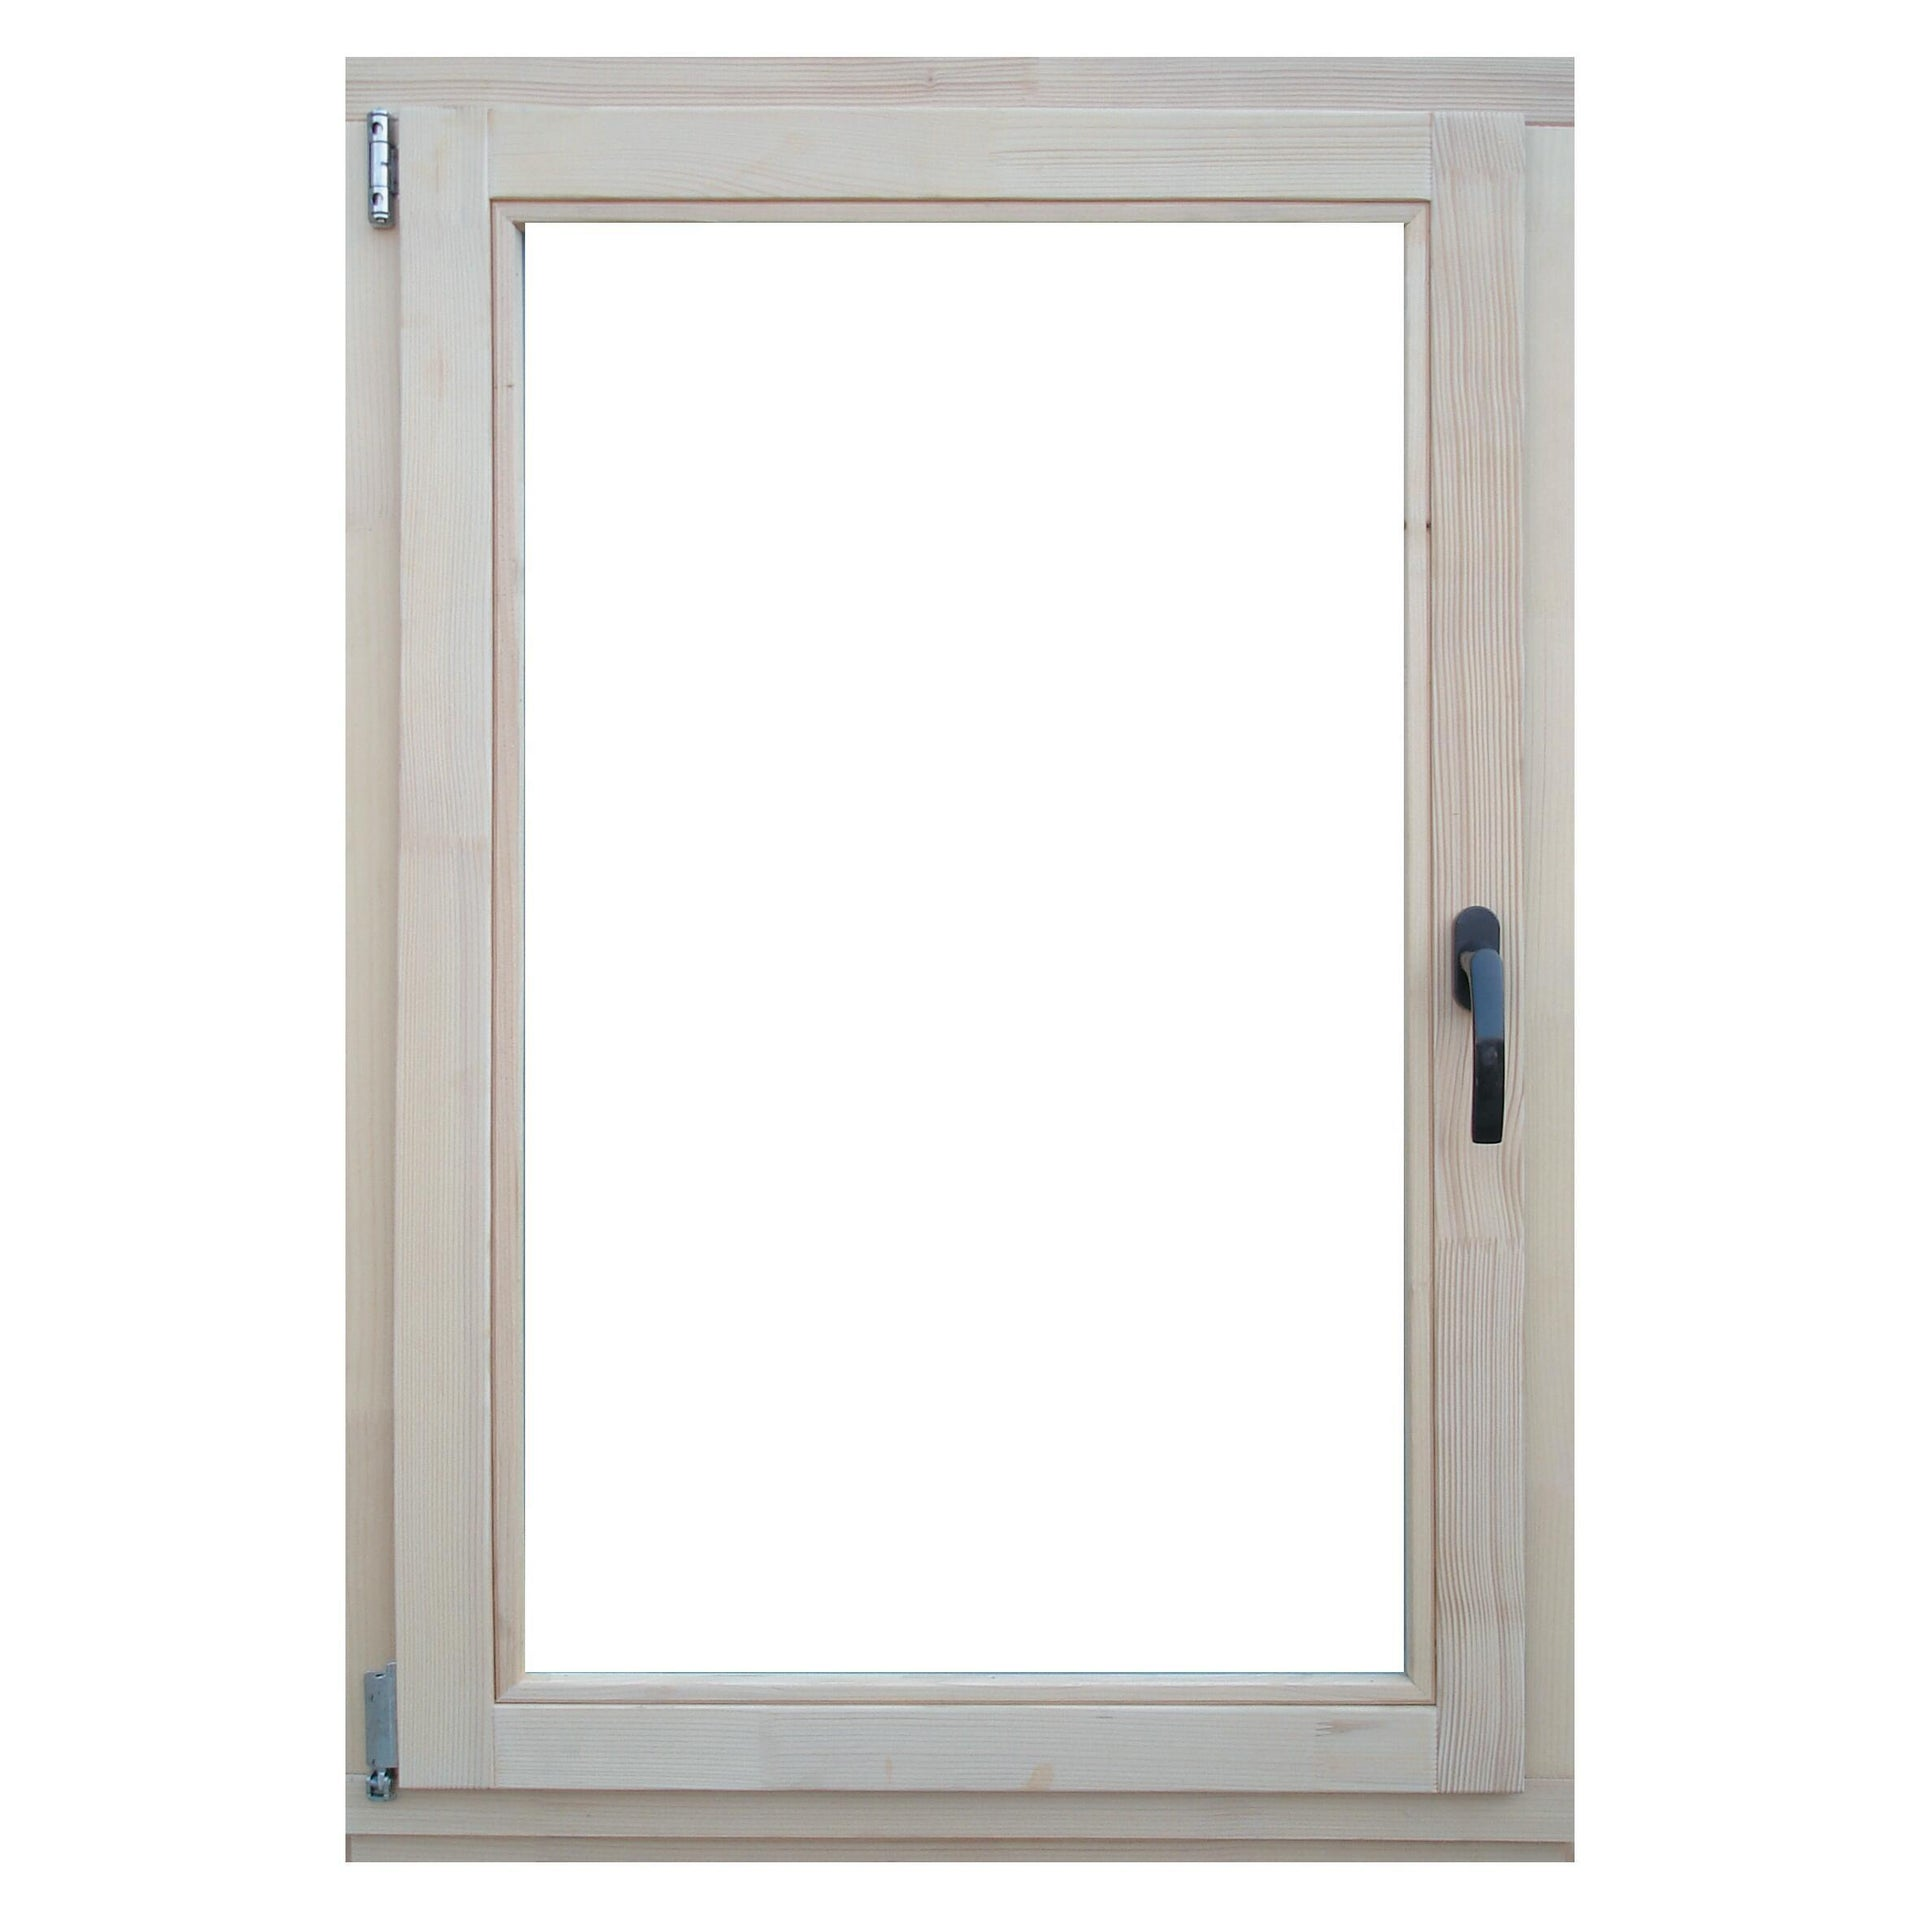 Finestra in legno pino naturale L 80 x H 120 cm, 1 anta oscillo-battente apertura sinistra